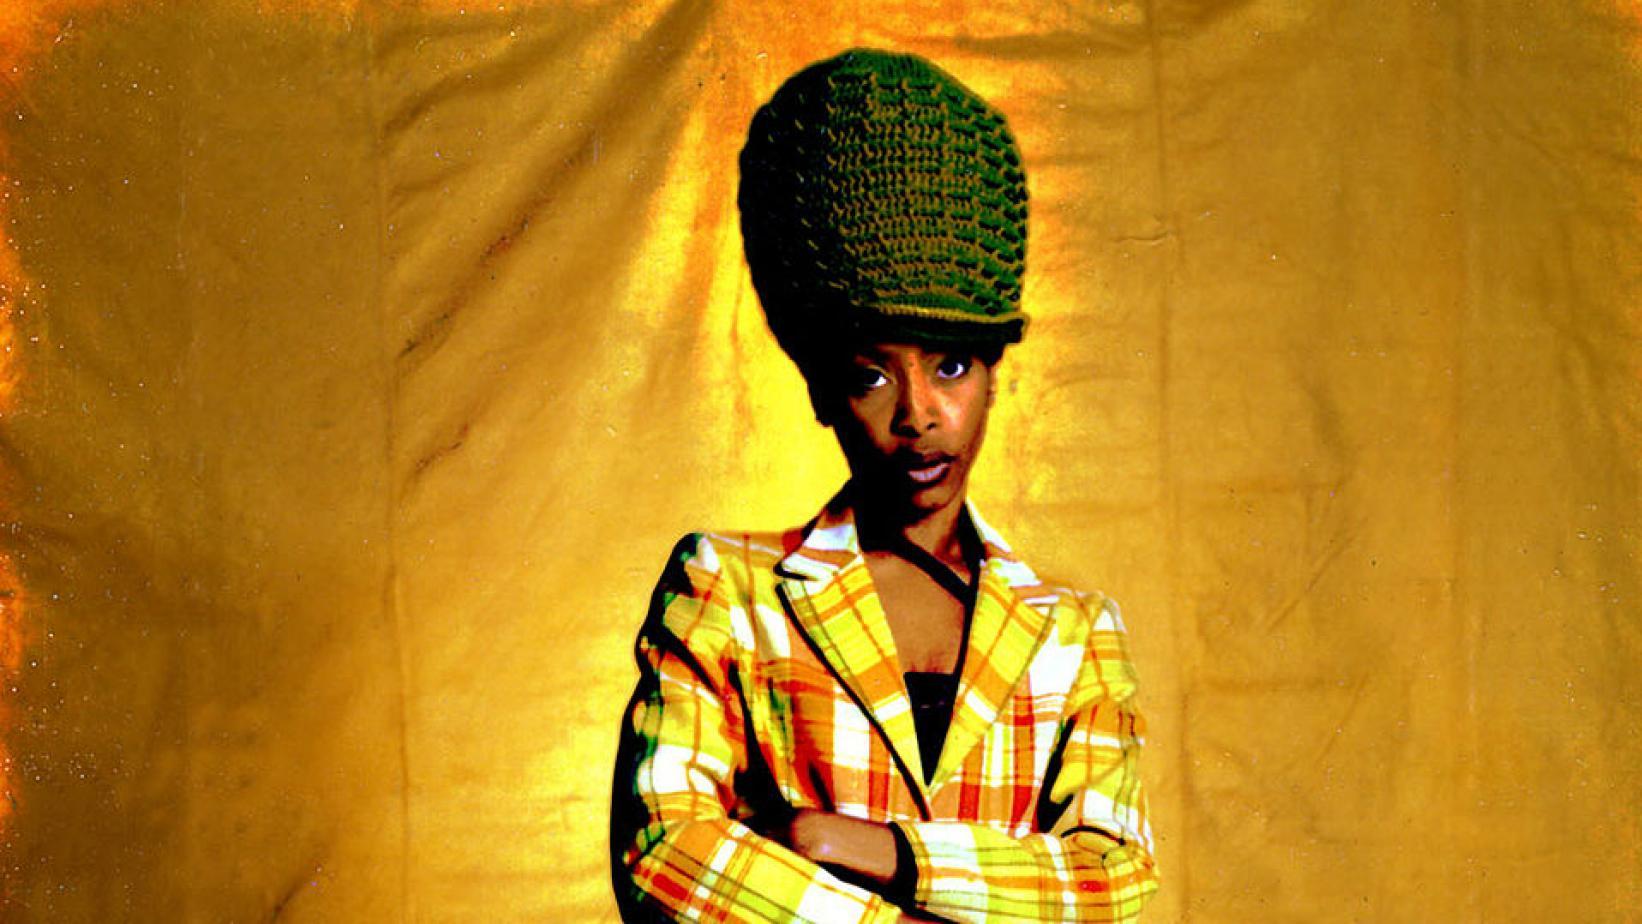 Hasil Tes Covid-19 Aneh Erykah Badu: Hidung Kiri Positif, Kanan Negatif (Grammy)